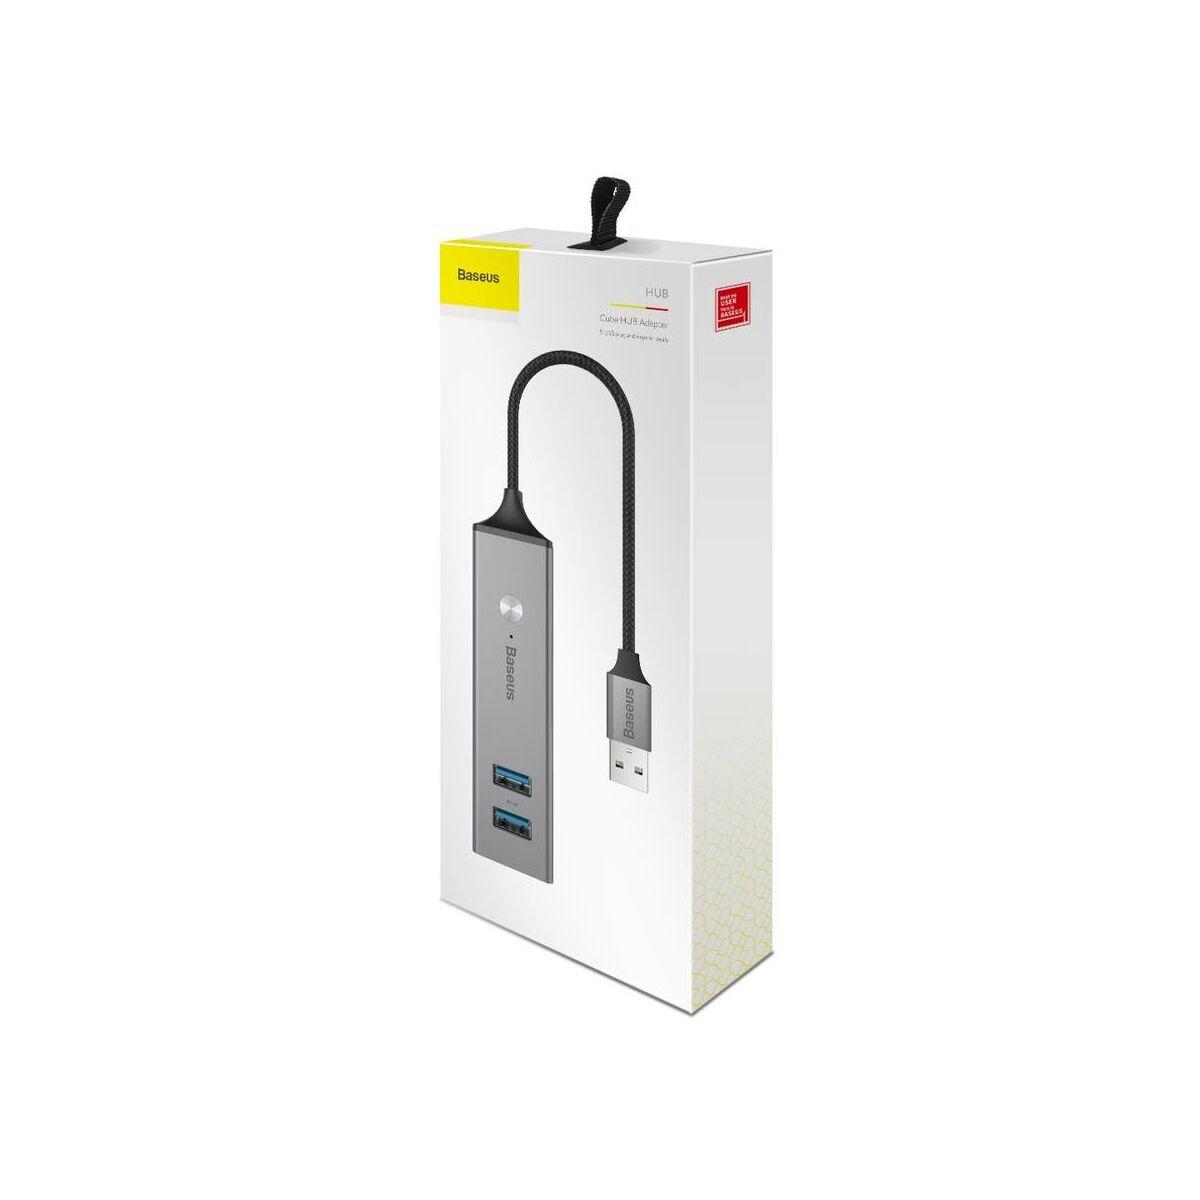 Baseus HUB, Cube (USB bementről - 3xUSB3.0 + 2xUSB2.0) adapter, sötétszürke (CAHUB-C0G)